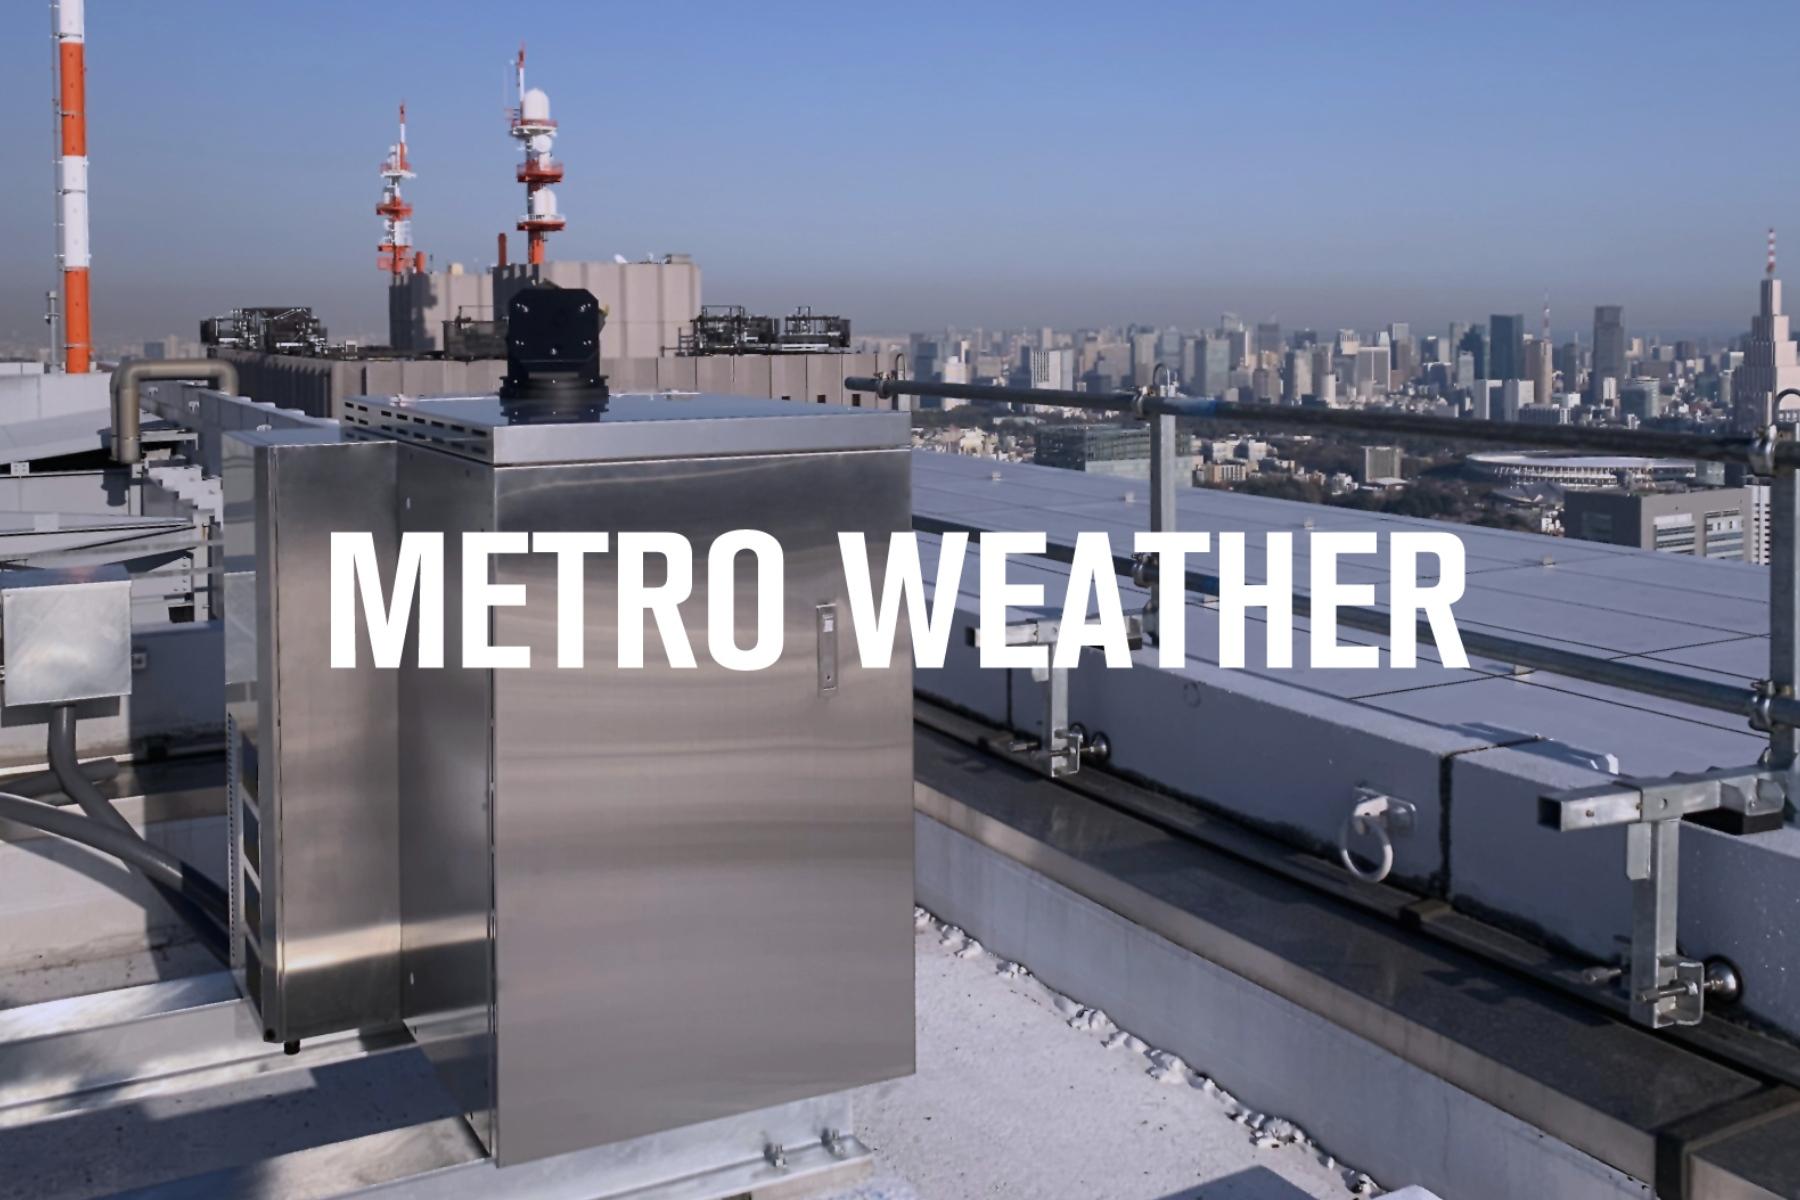 メトロウェザー×NTTコミュニケーションズ | 安全・確実なドローン運航等に不可欠な風況データ提供に向けた連携をスタート